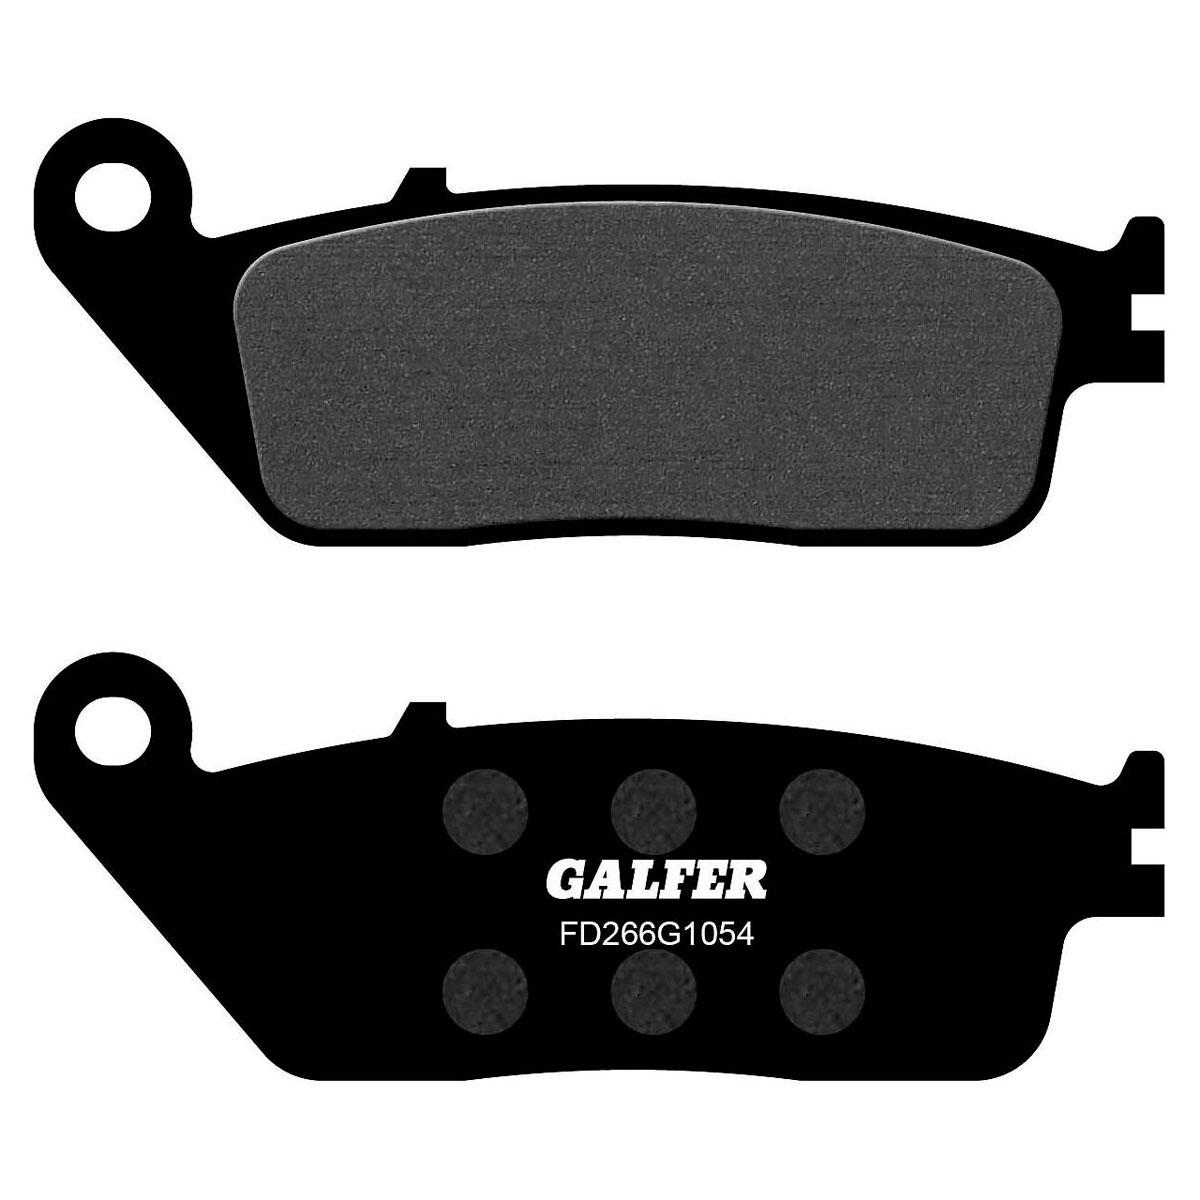 Galfer USA Semi-Metallic Carbon Front Brake Pads